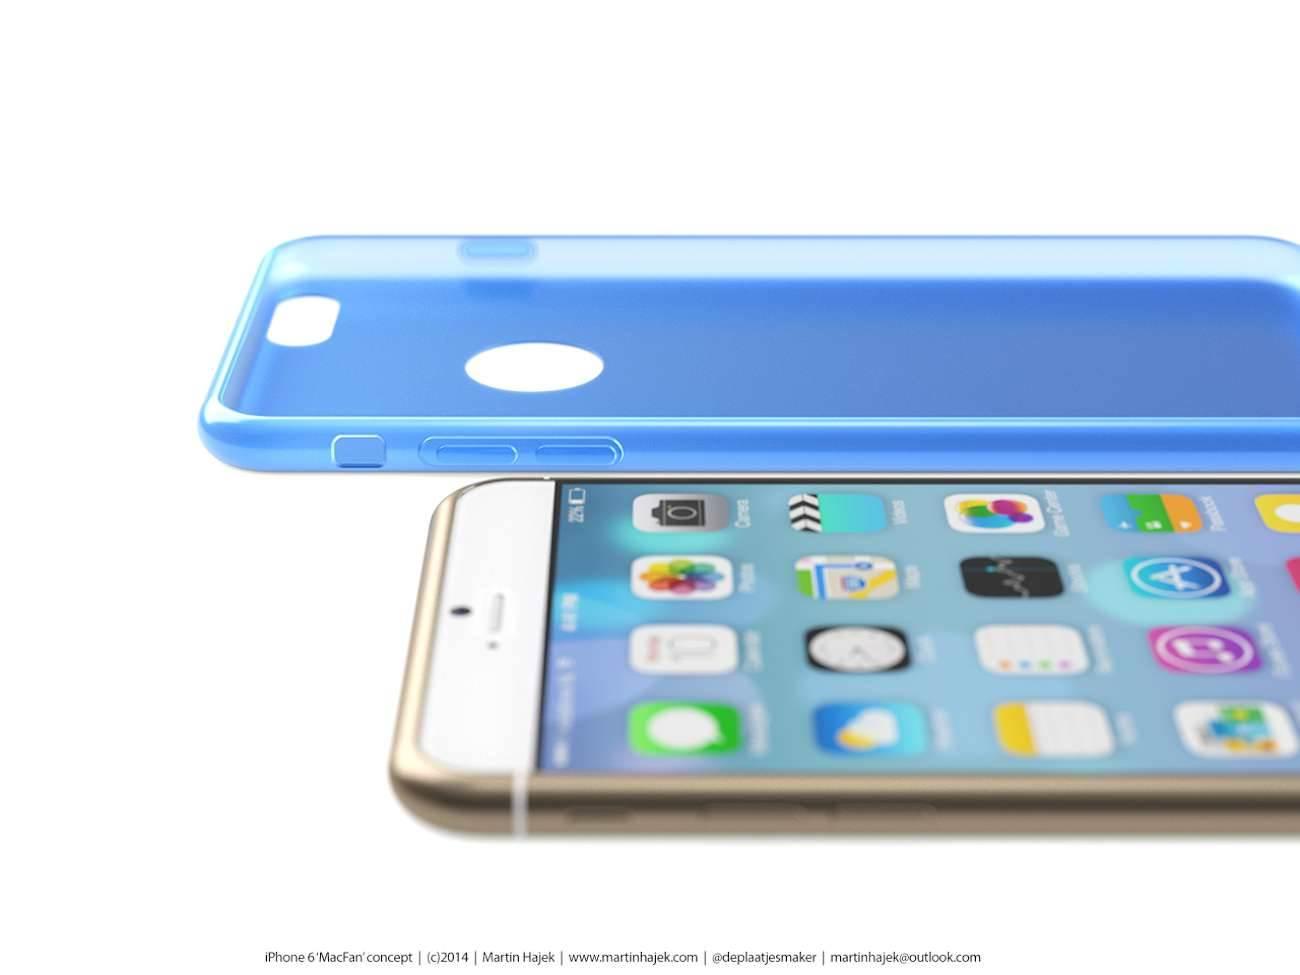 iPhone 6 i bardzo interesujący koncept Martina Hajek'a ciekawostki Zdjęcia iPhone 6, Wizja, Nowy iPhone 6, koncept, jak będzie wyglądał nowy iPhone 6, iPhone6, iPhone Air, iPhone 6, iPhone, Apple  Pamiętacie jak kilka dni temu umieściliśmy na stronie zdjęcia rzekomej obudowy nowego iPhone'a 6? iP65